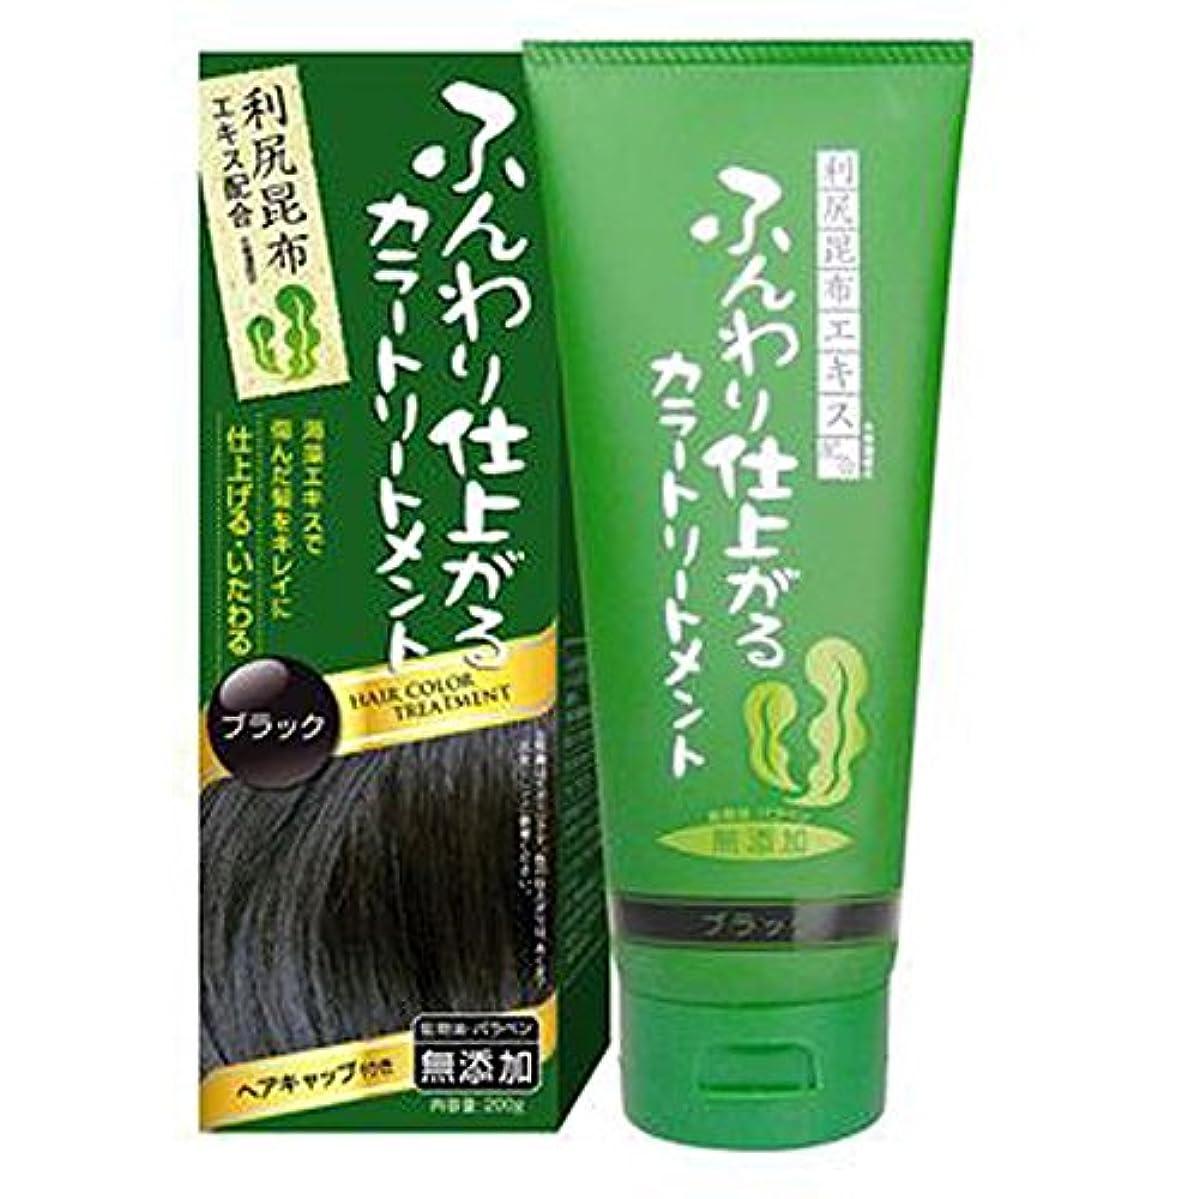 たぶん監督する写真のふんわり仕上がるカラートリートメント 白髪 染め 保湿 利尻昆布エキス配合 ヘアカラー (200g ブラック) rishiri-haircolor-200g-blk